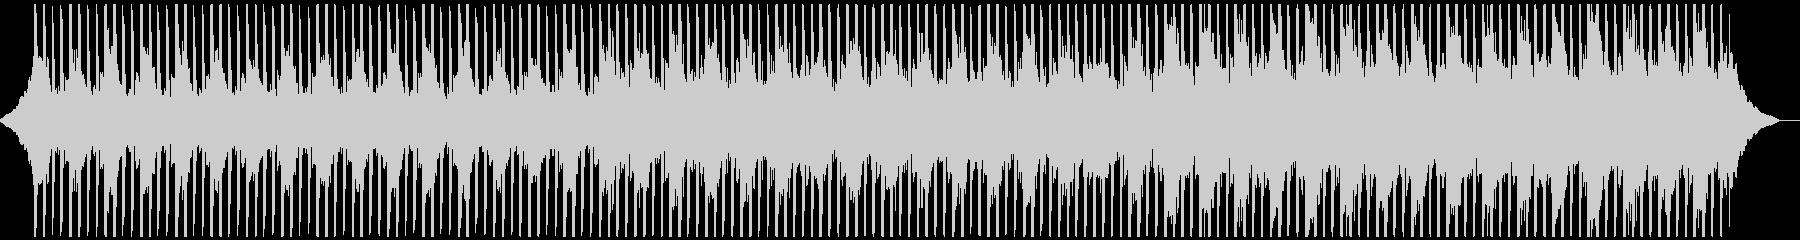 企業VPに!疾走感・感動・幸せなピアノの未再生の波形